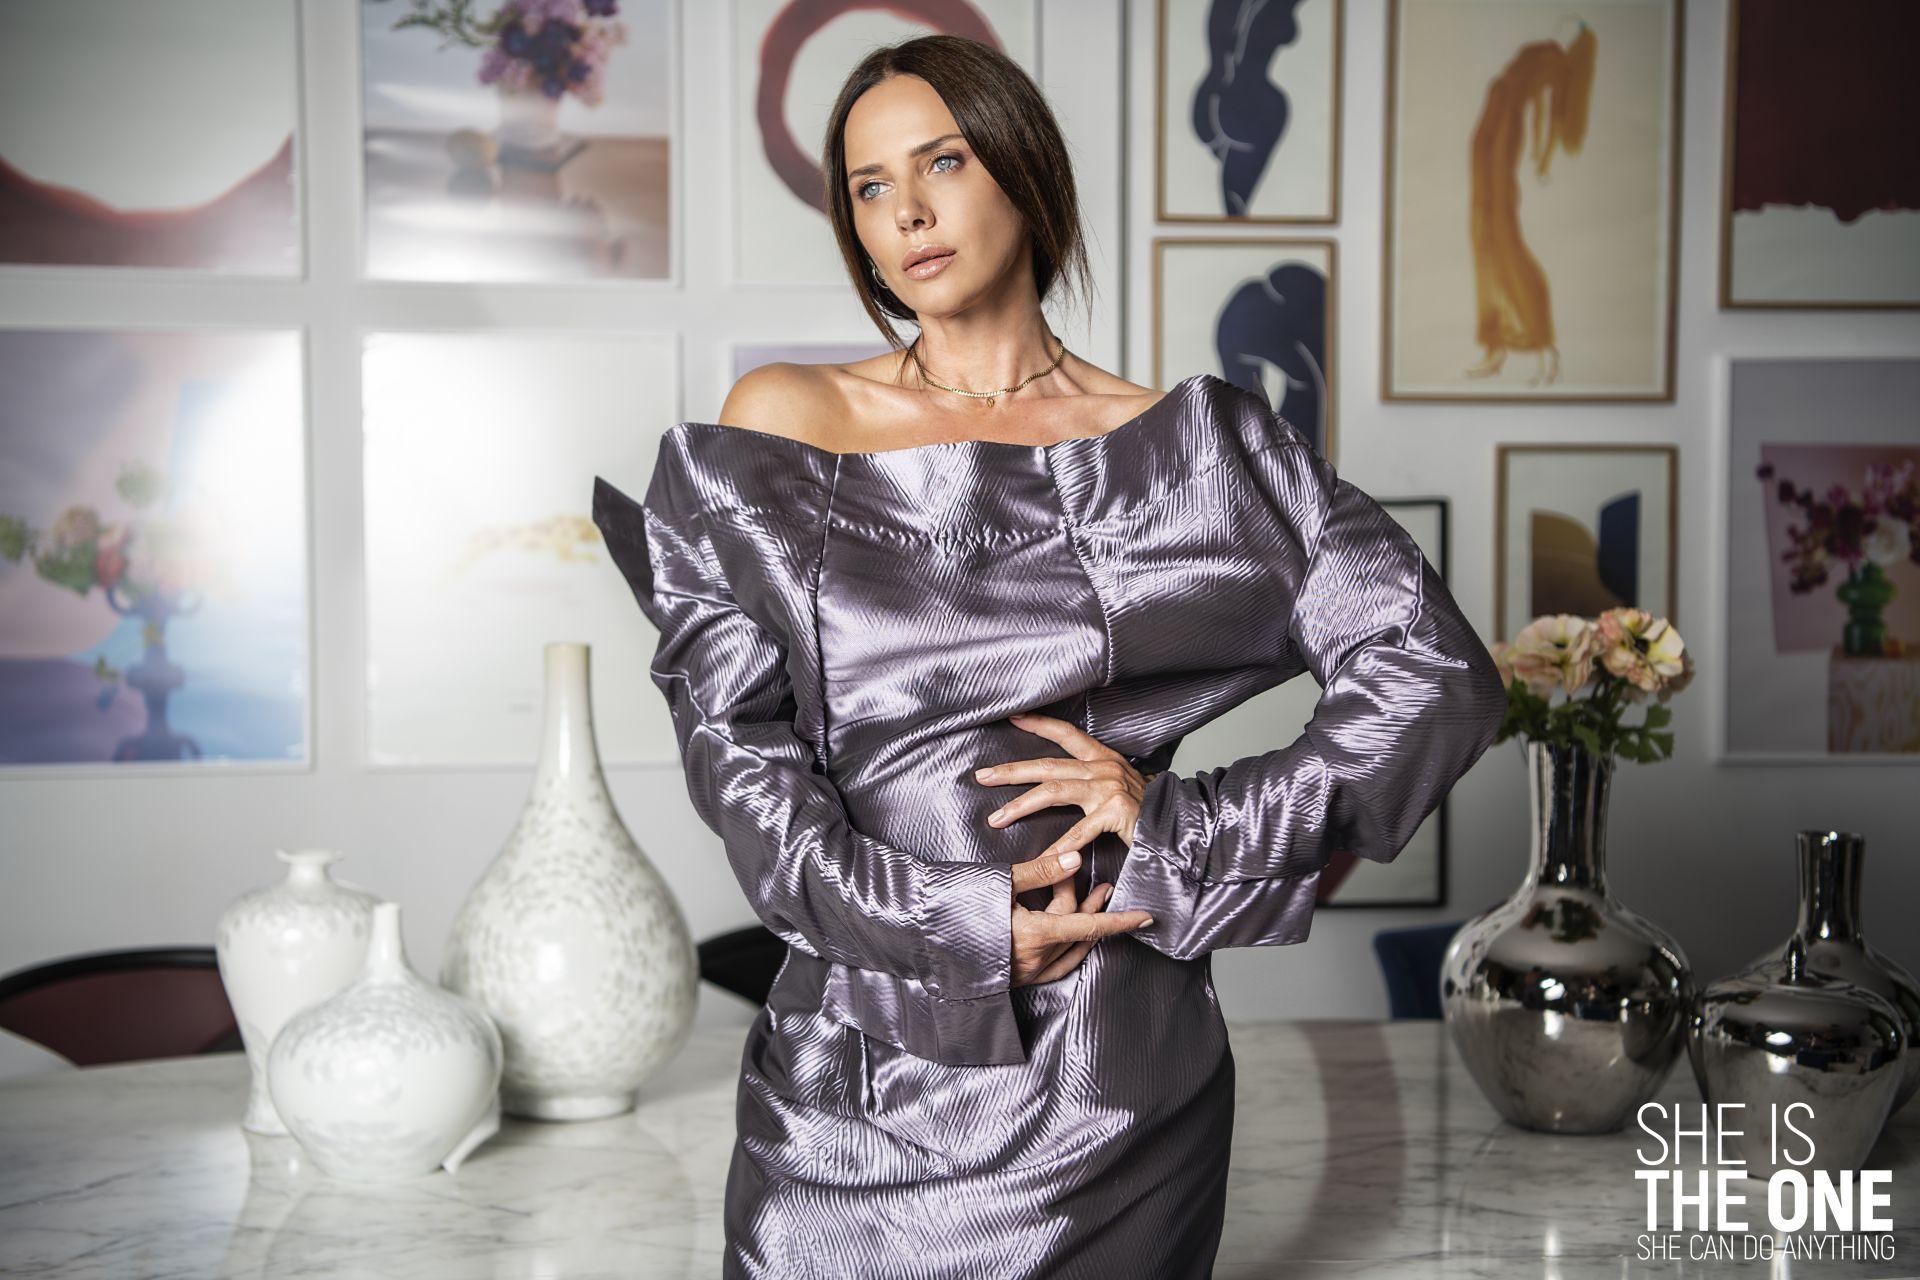 """Силует """"Сребърен виолет"""" - изпълнен от плътна тафта в деконструктивана, но все пак женствена форма и в светлите, светещи нюанси на виолета. Гардероб: Мариела Гемишева; Локация: Elegant Living"""